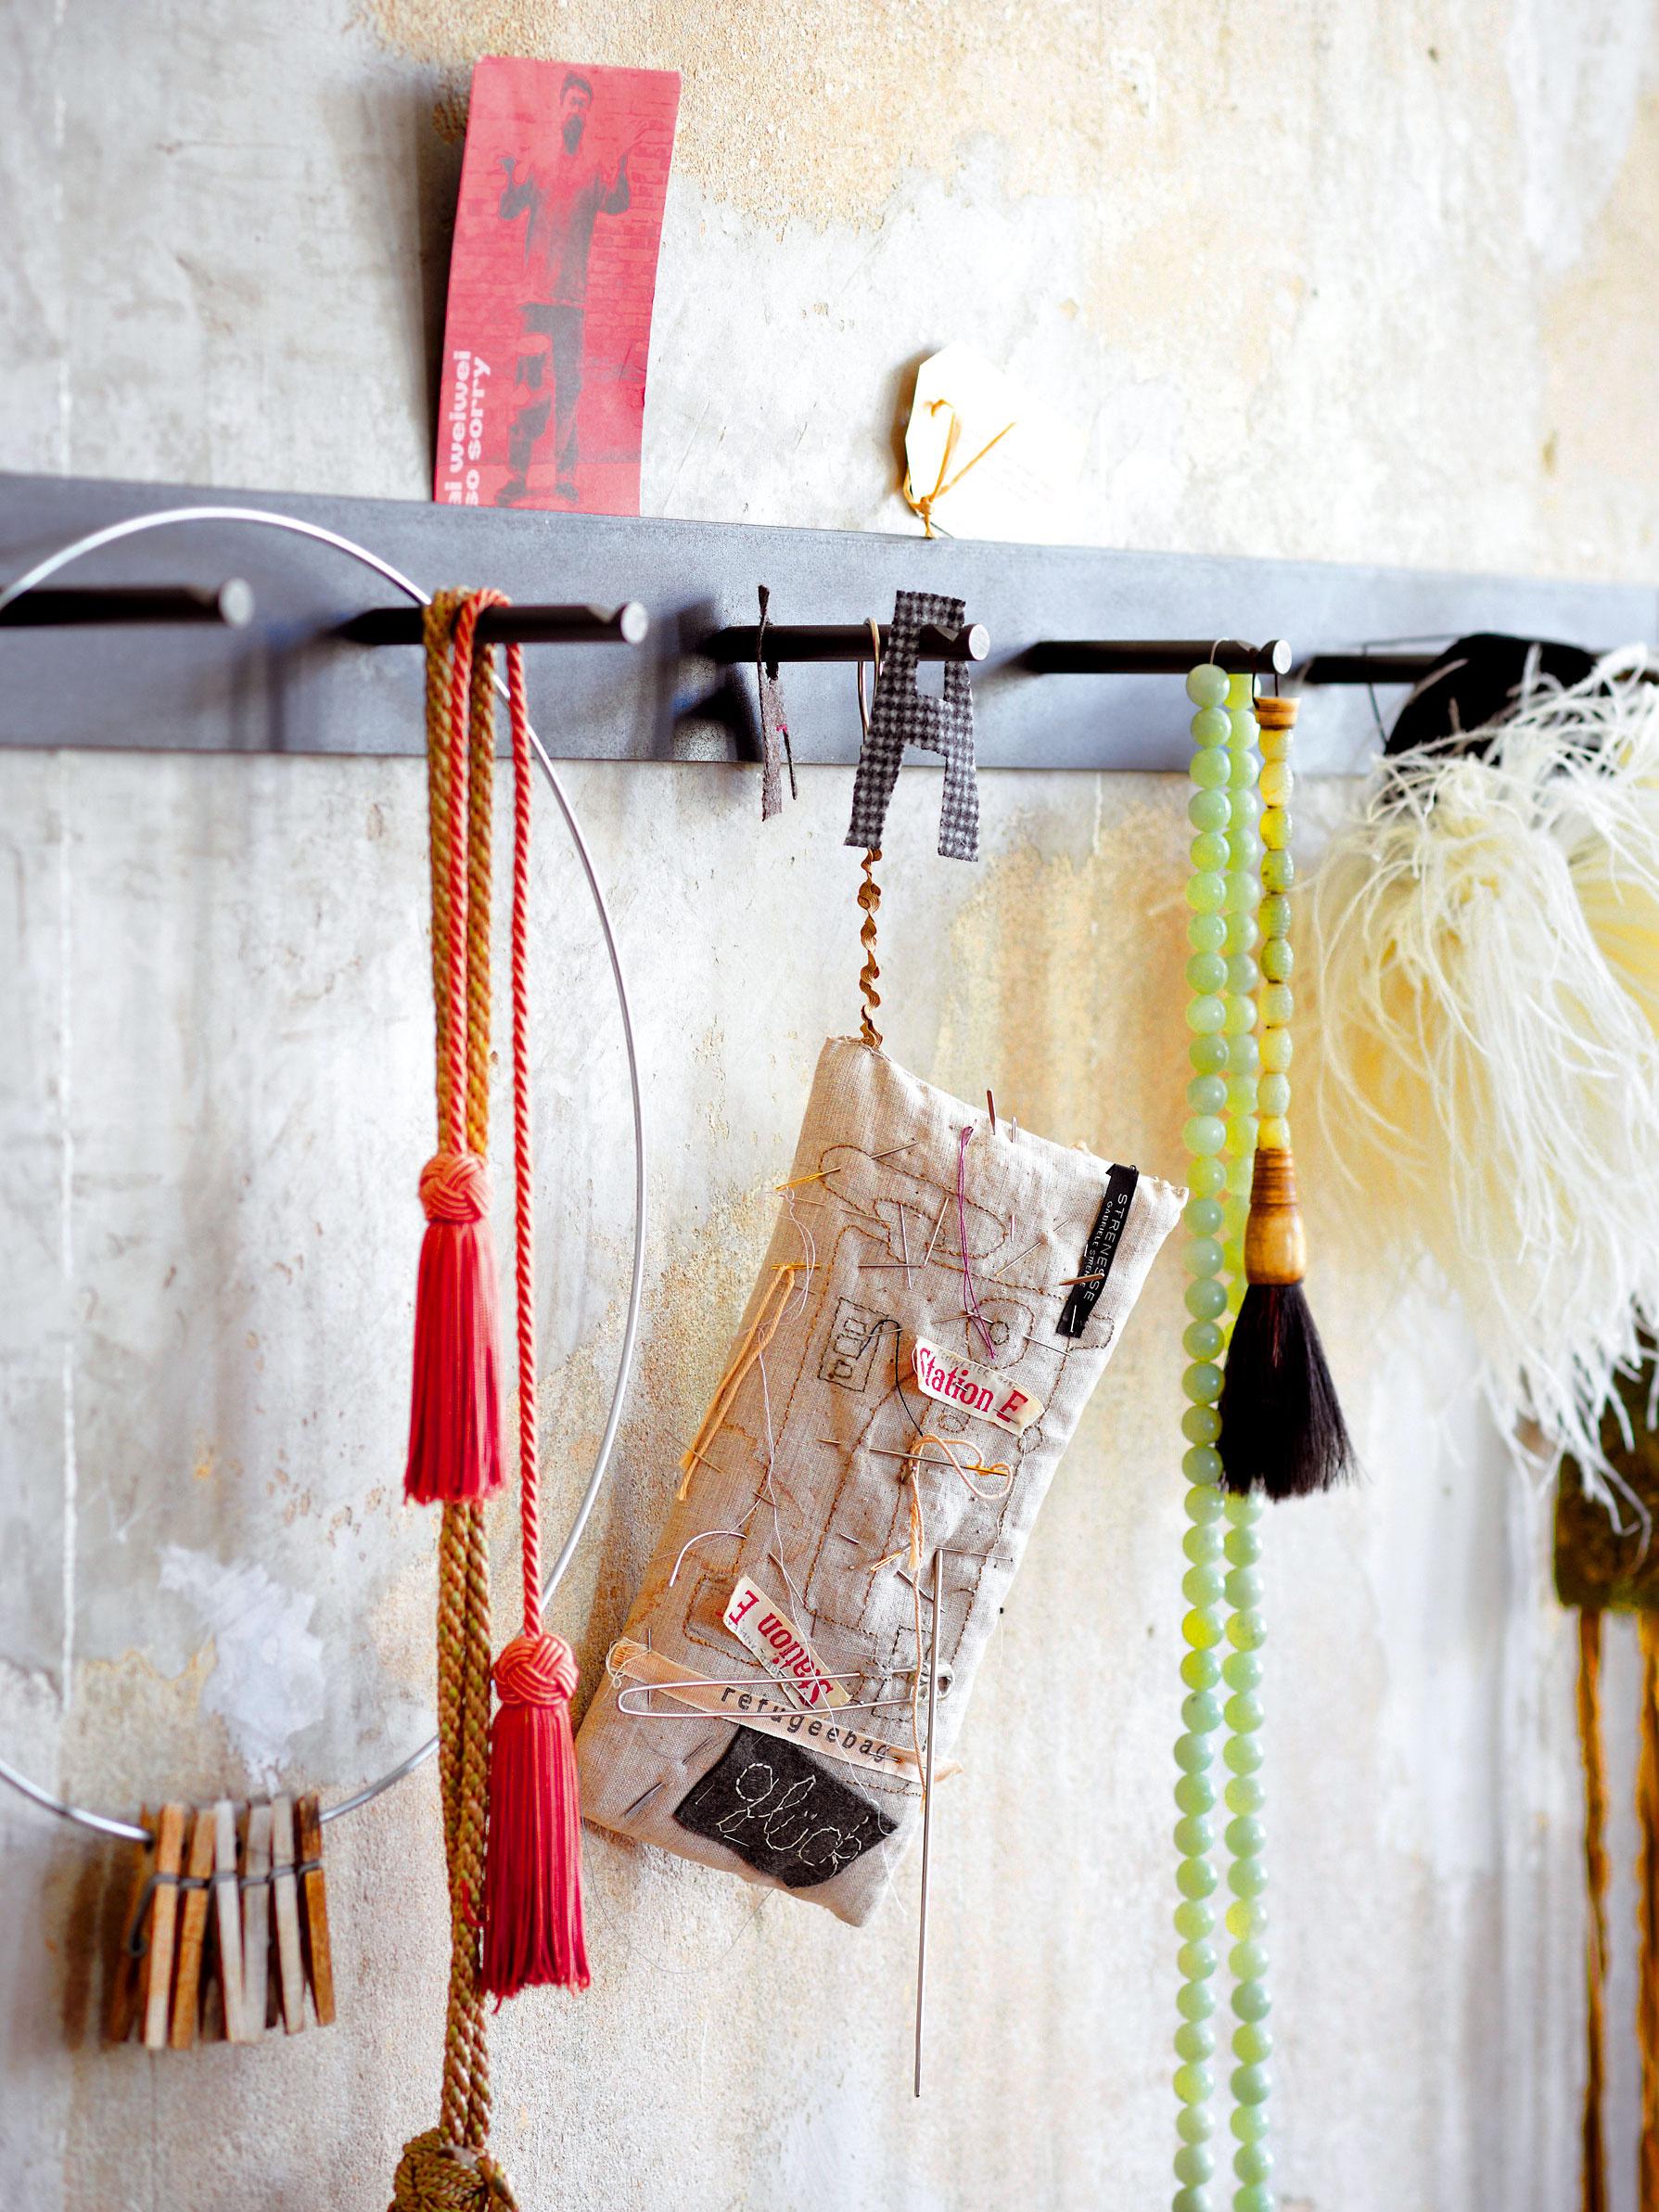 Na vešiaku Hellogoodbye zateliéru Haussmann visia vGabrielinej dielni vzorkovníky adrobné úžitkové adekoračné predmety.